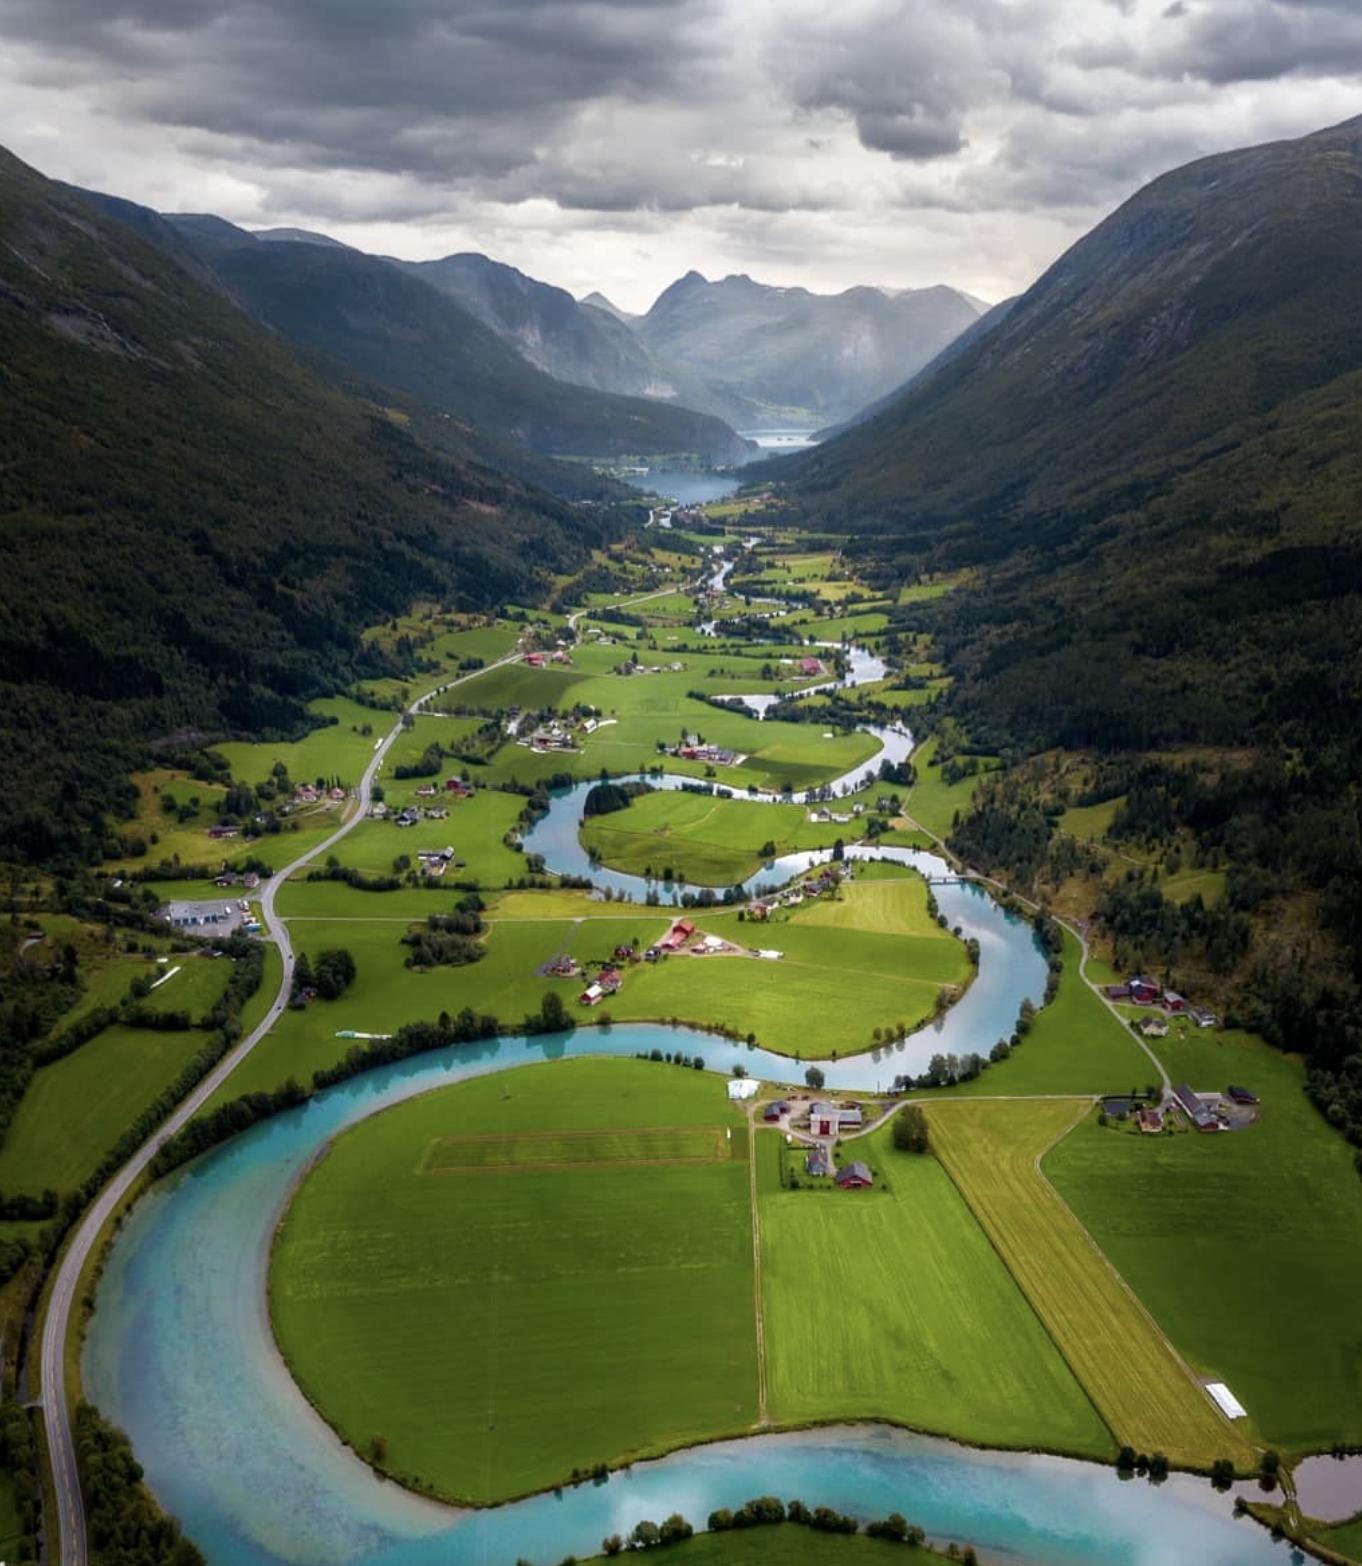 Лососевая река Стринэльва в Норвегии.